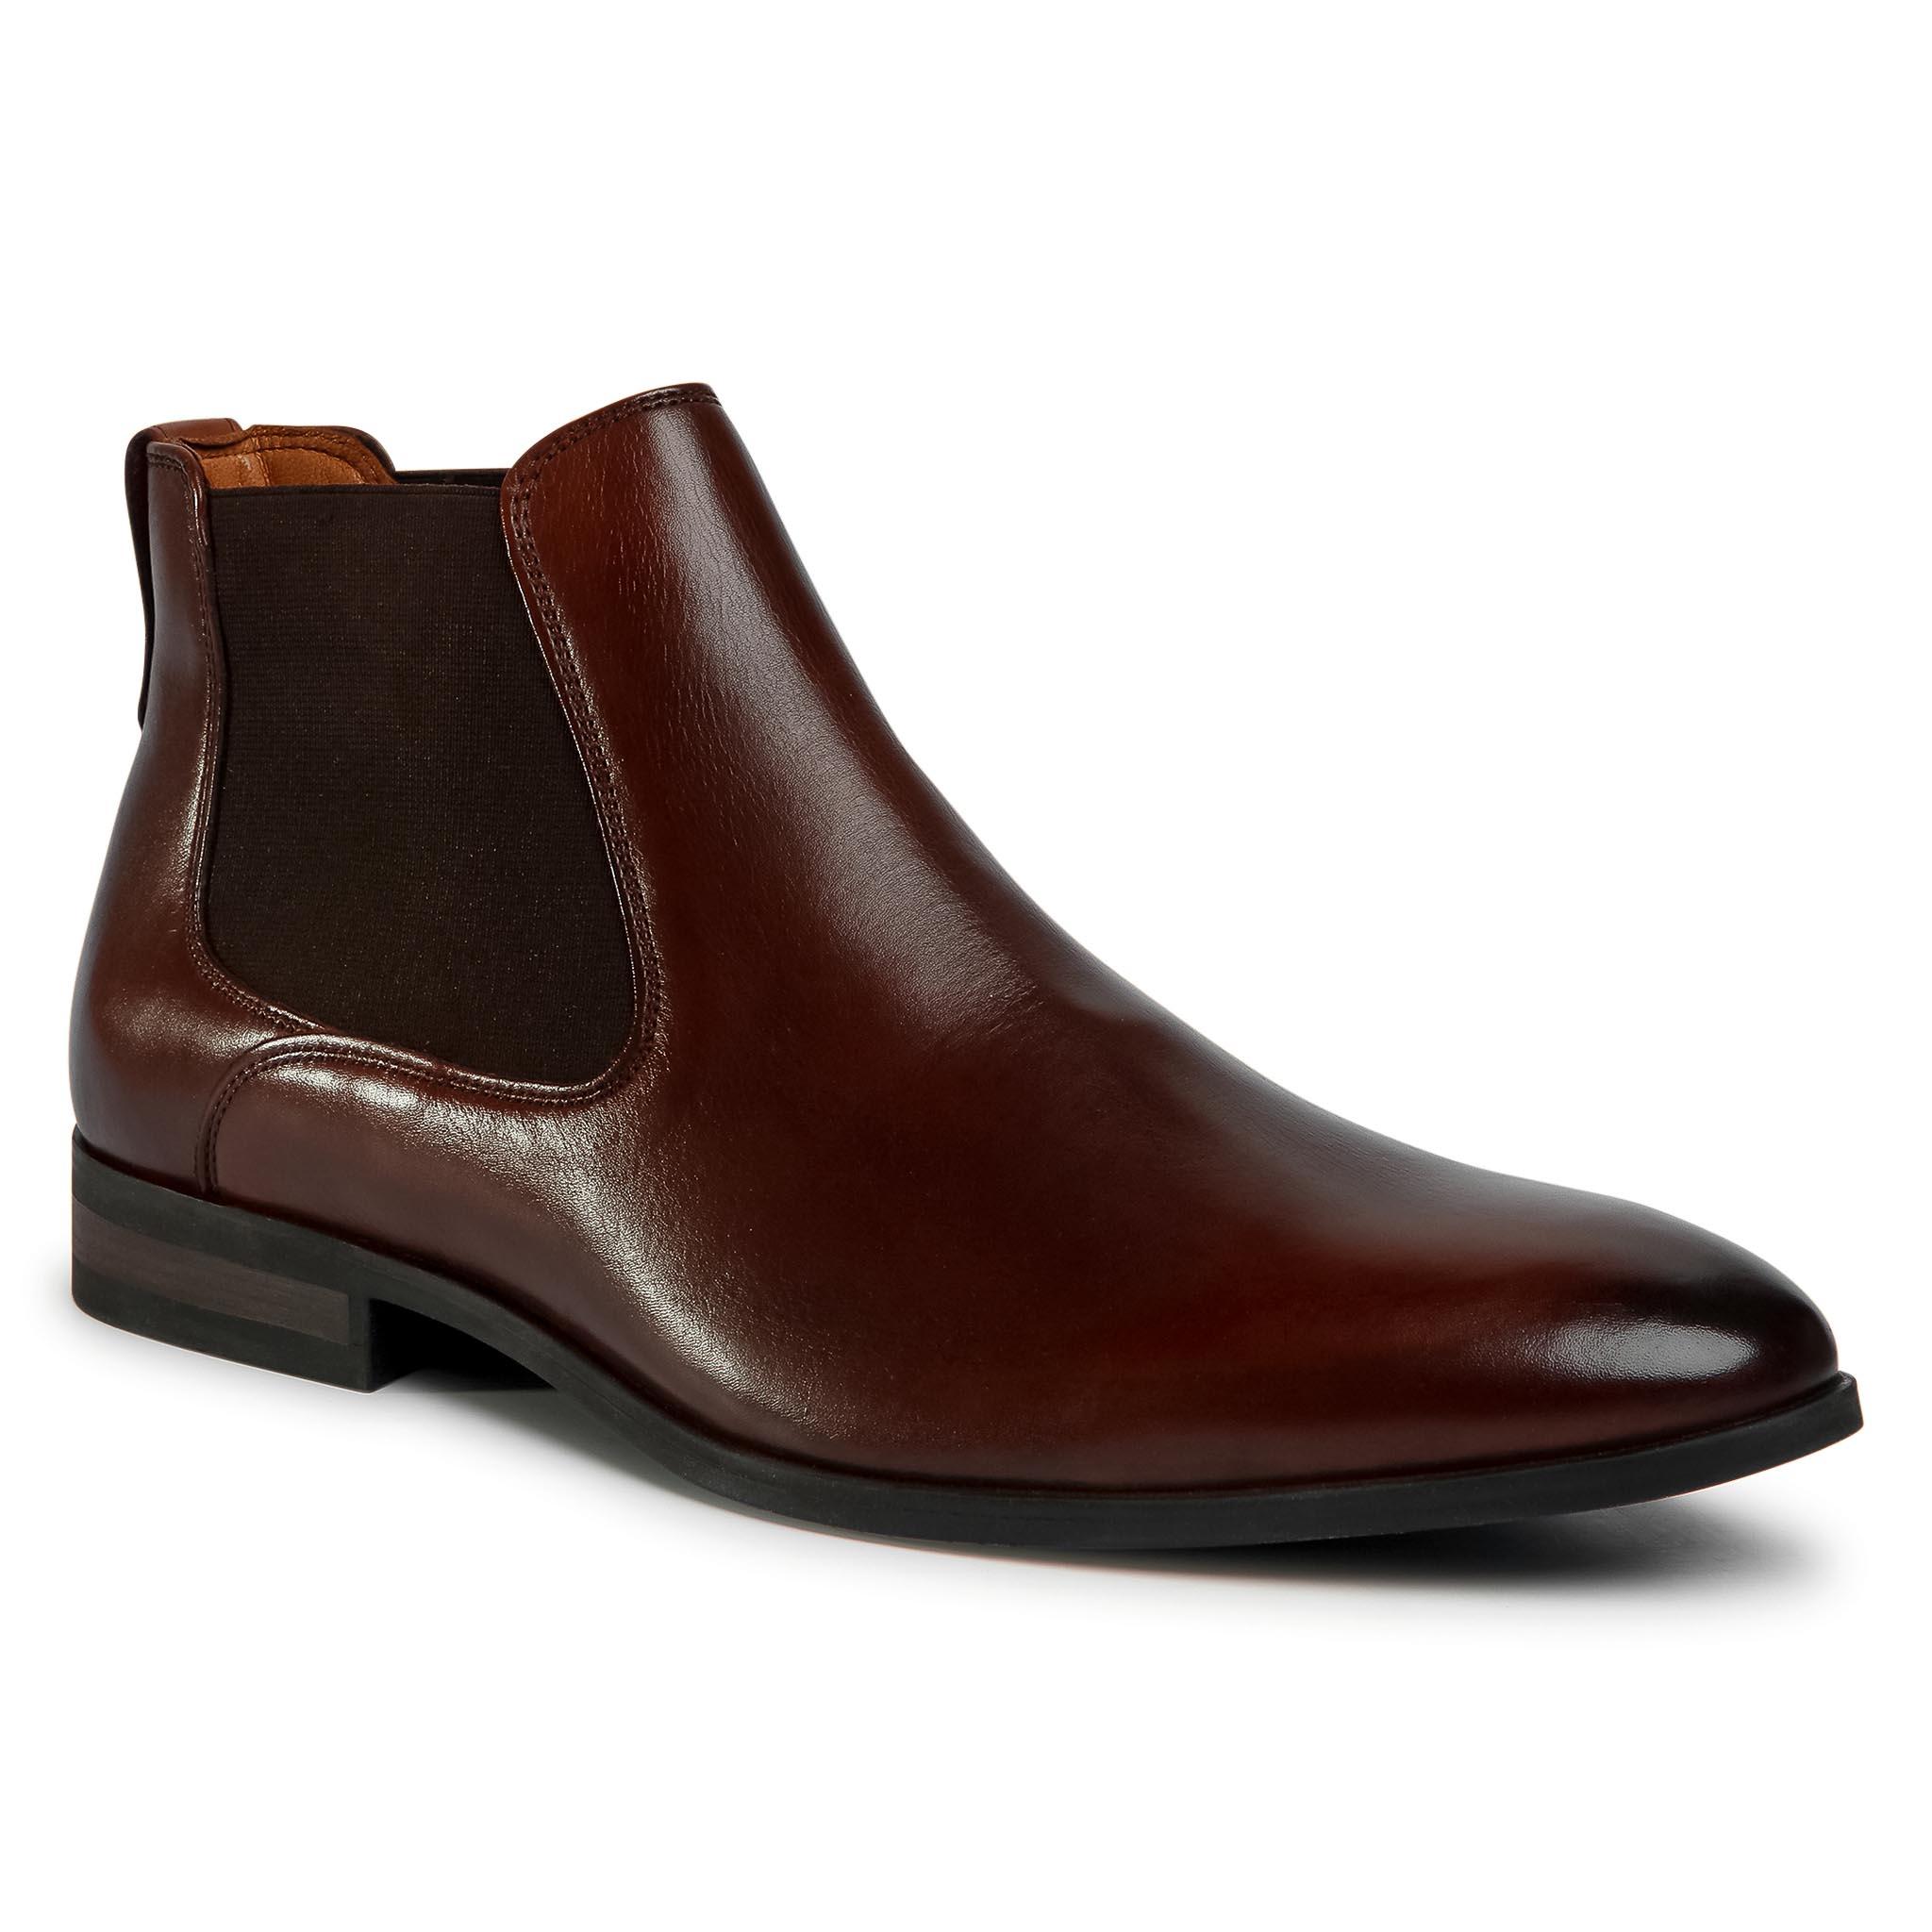 Kotníková obuv s elastickým prvkom LASOCKI FOR MEN - MI08-C736-743-09 Brown